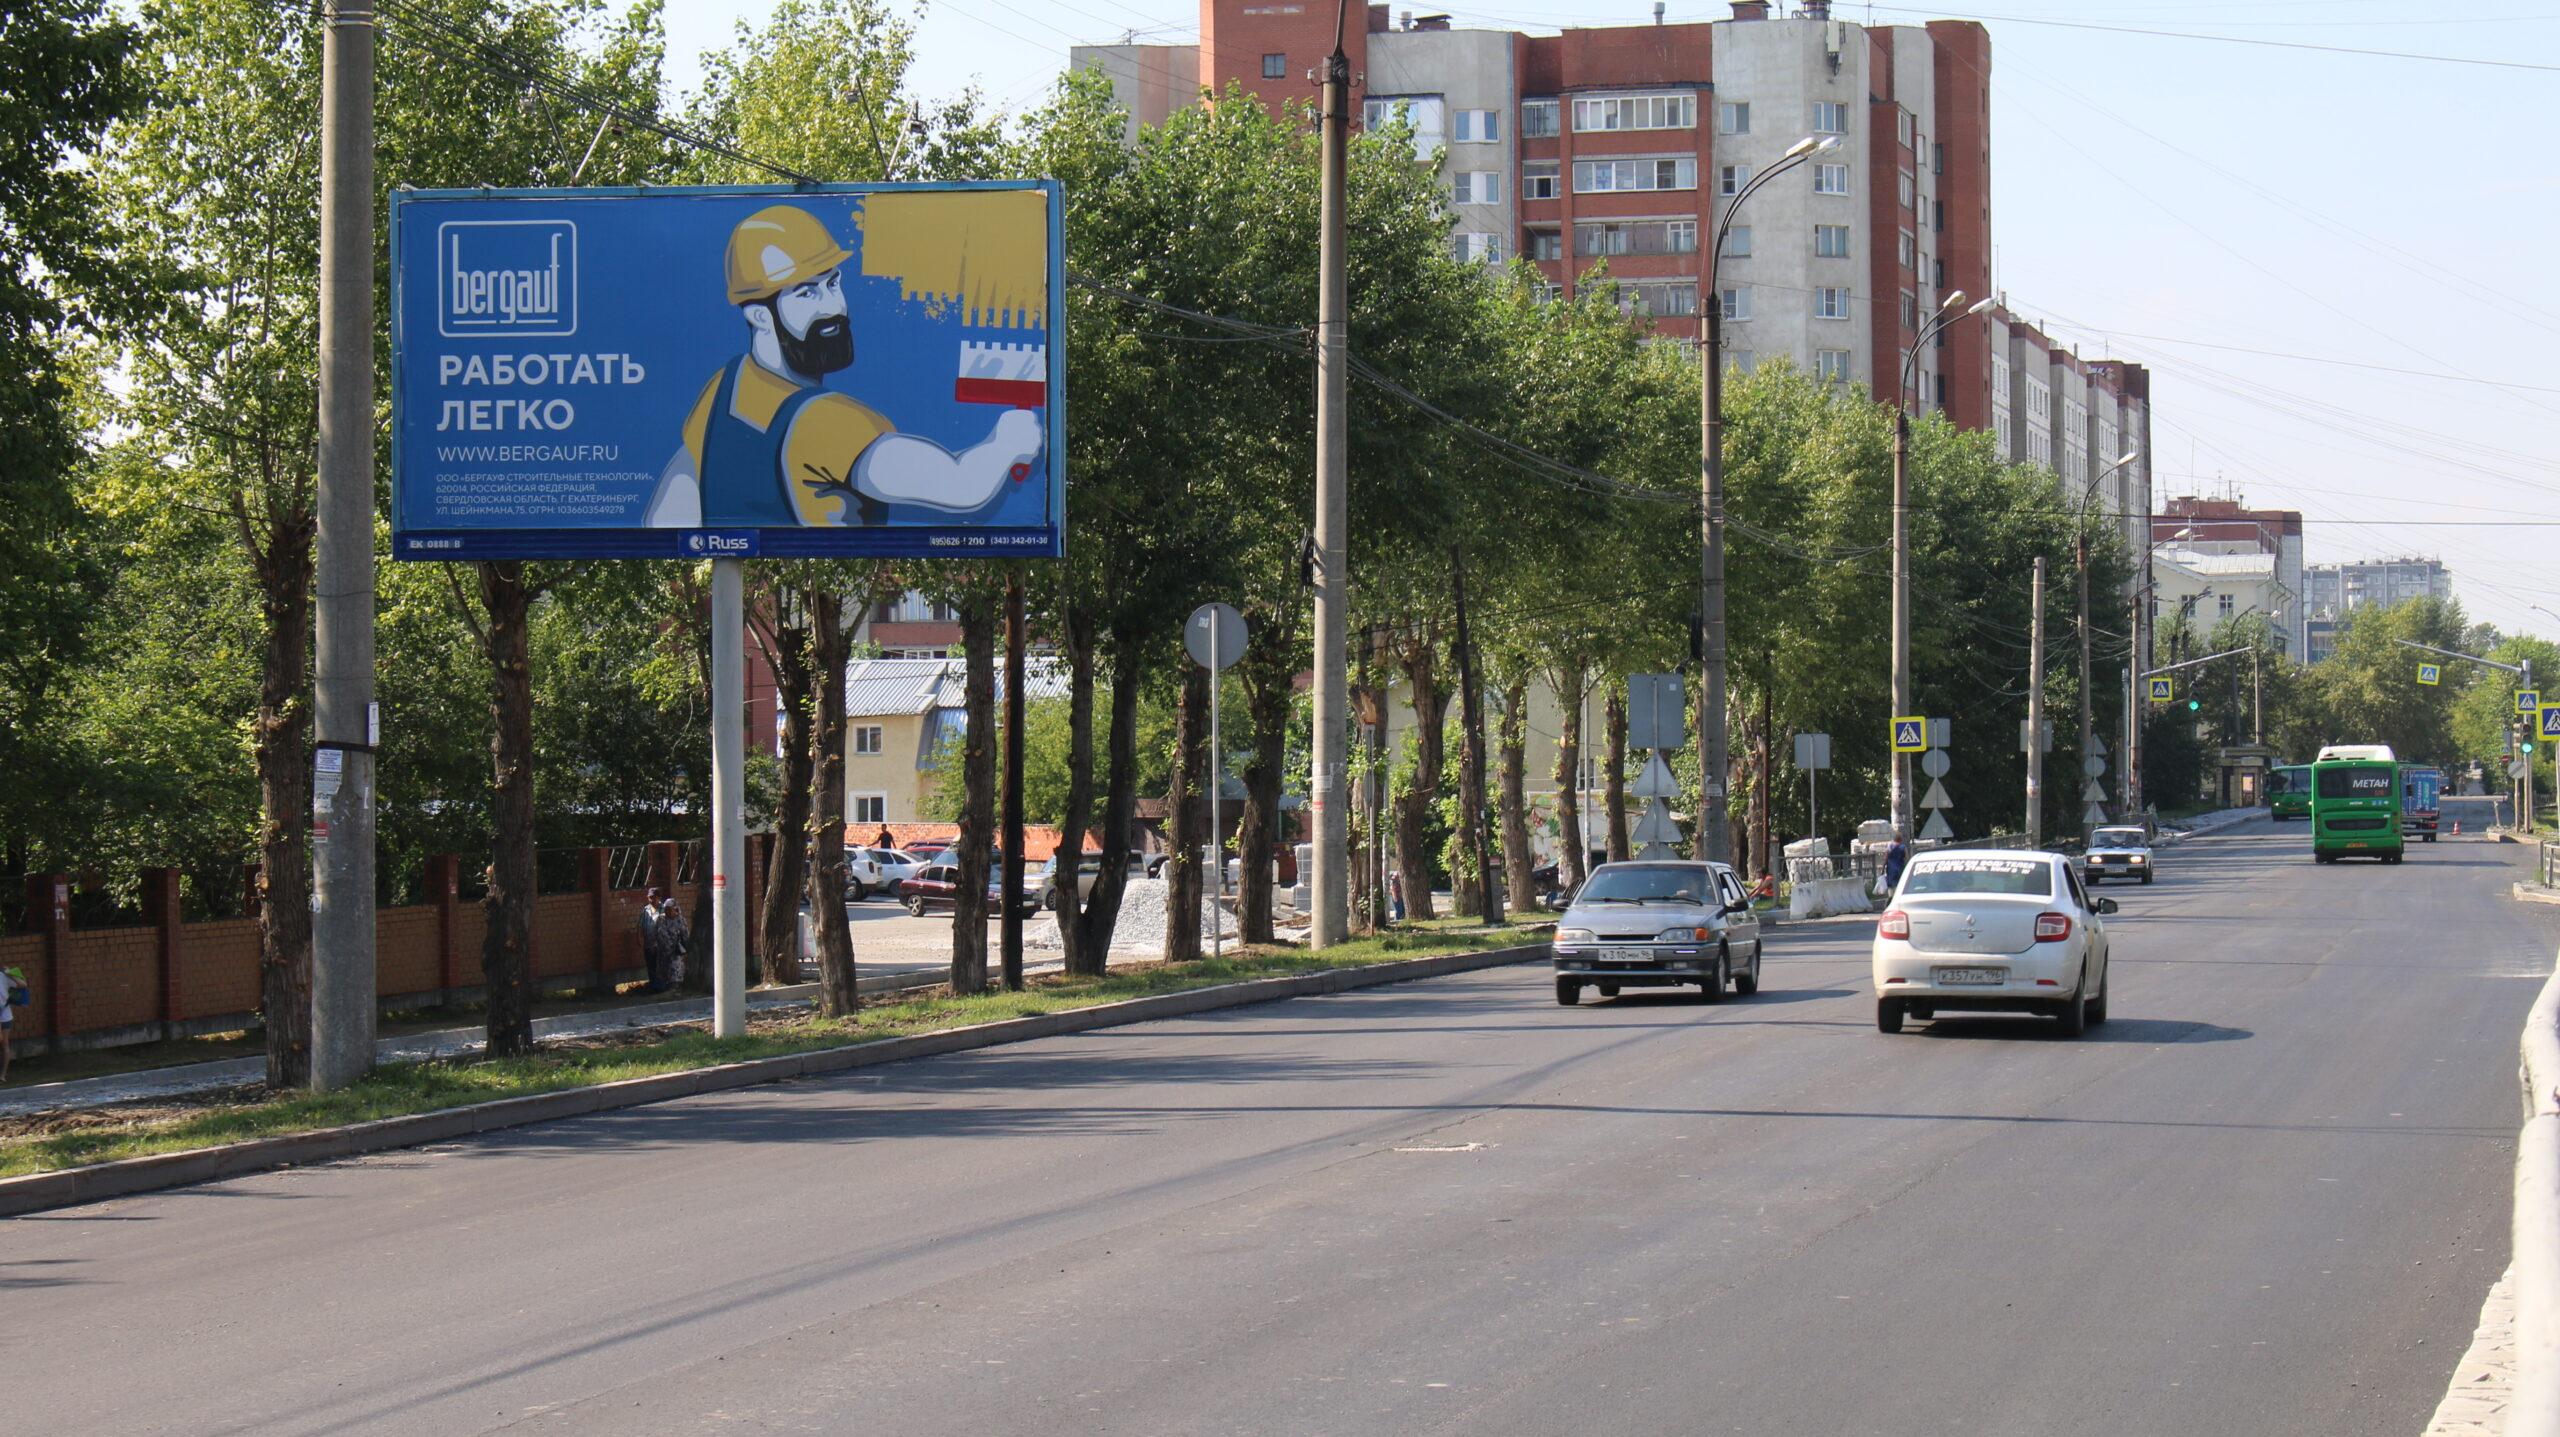 Реклама на билбордах в Екатеринбурге